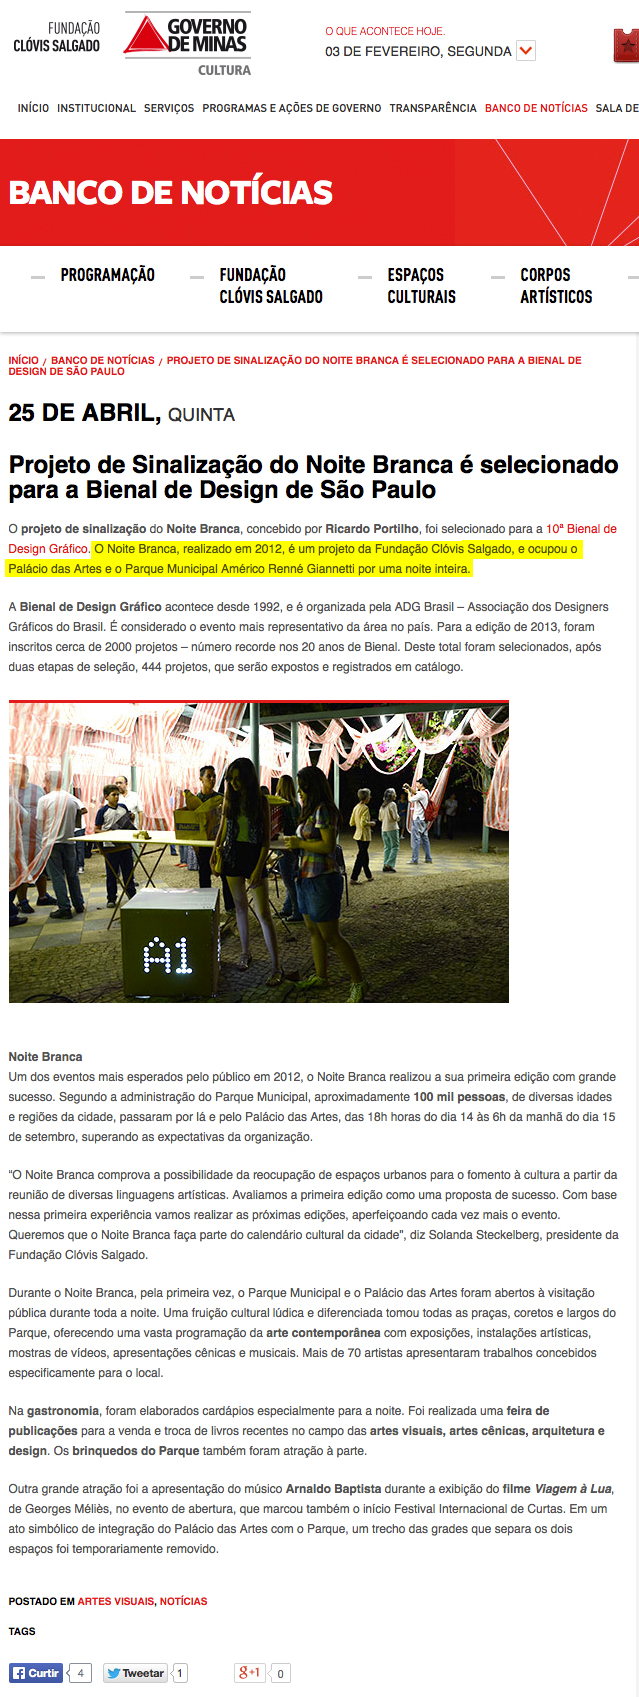 Site Fundação Clóvis Salgado, Belo Horizonte, 25 de abril de 2013